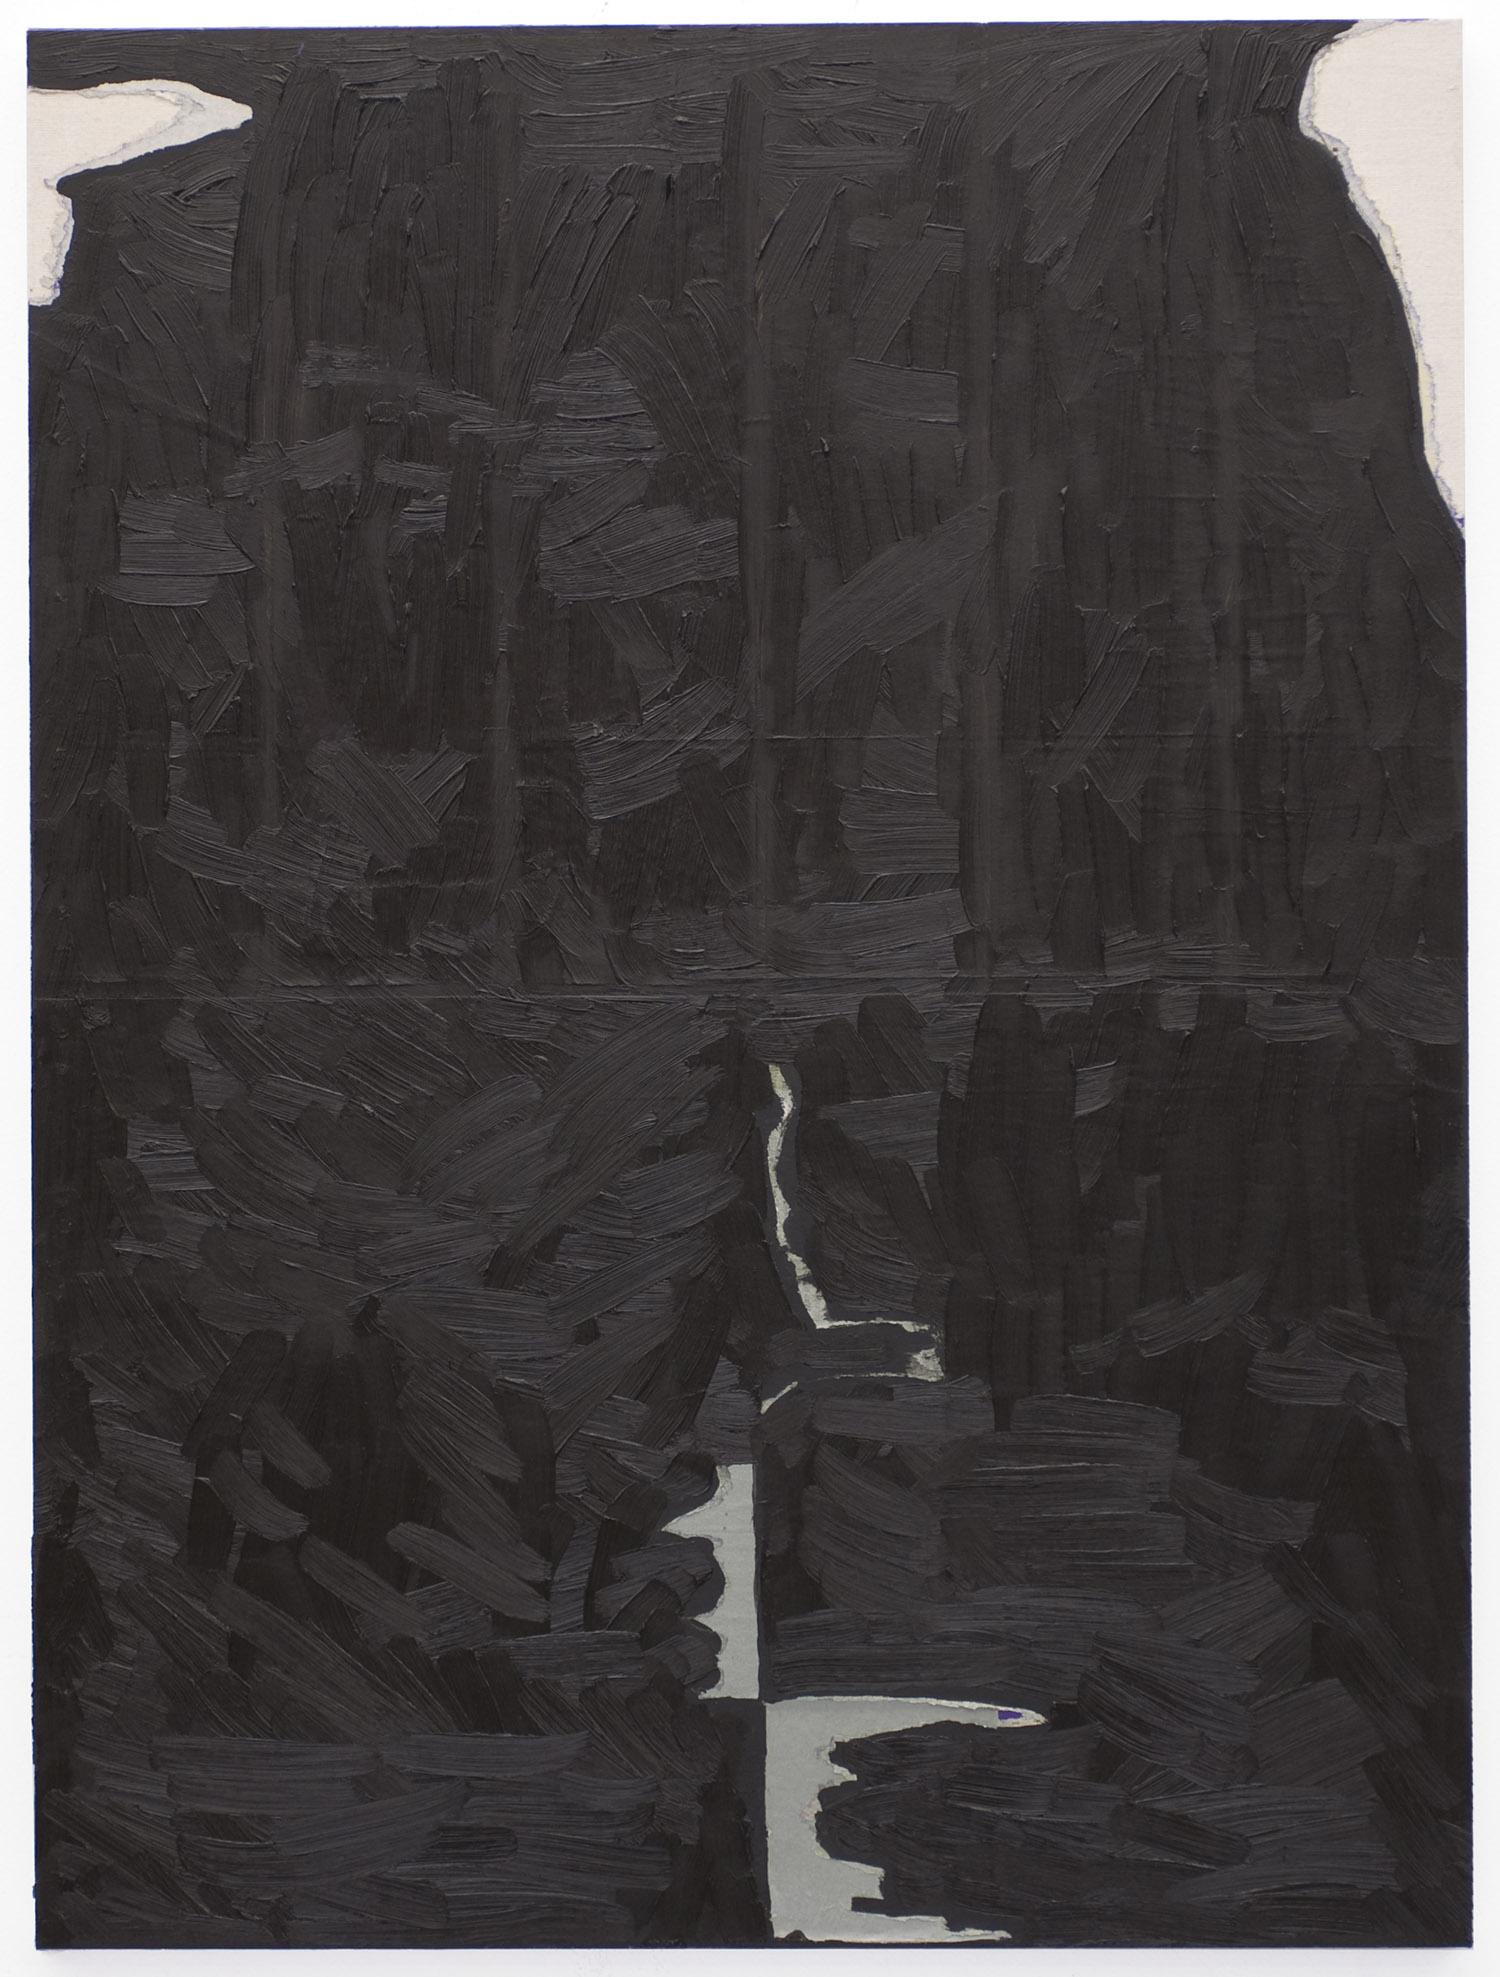 Lob des Schattens | 2009 | Öl, Zeitung, Metallicspray auf Nessel auf MDF | 63 x 47 cm | x